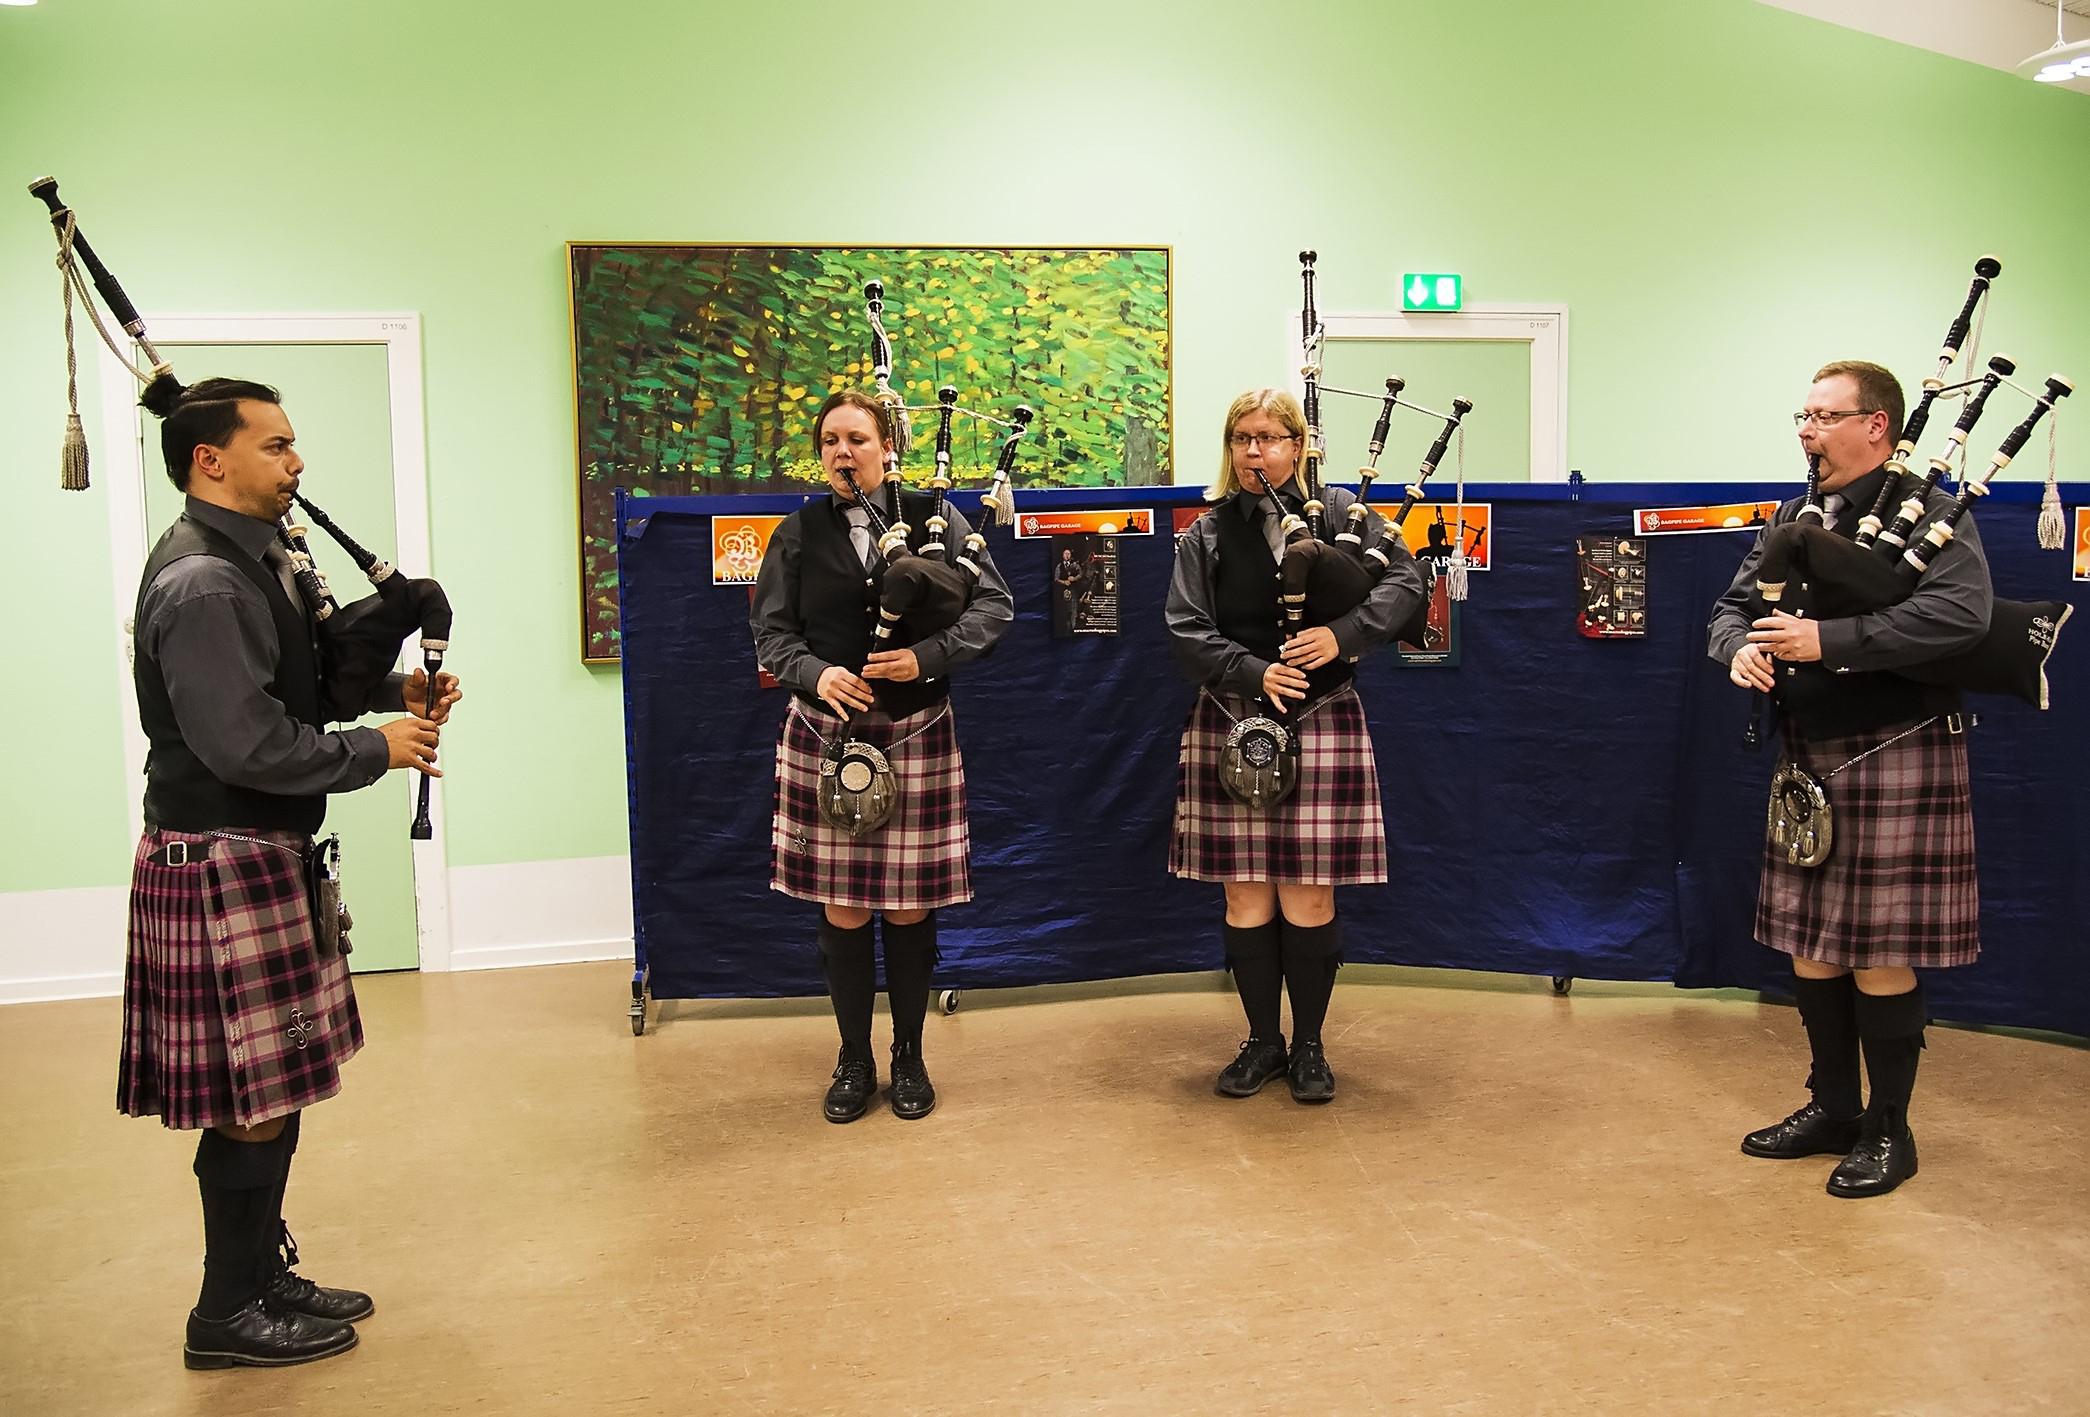 Kvartetten, der tog et af de tre kvartet-mestreskabe, der blev i Holbæk (fv): Rune Sawath Jensen, Camilla Rask Poulsen, Lisbet Kværnø og David Lundgreen. (Prfoto)